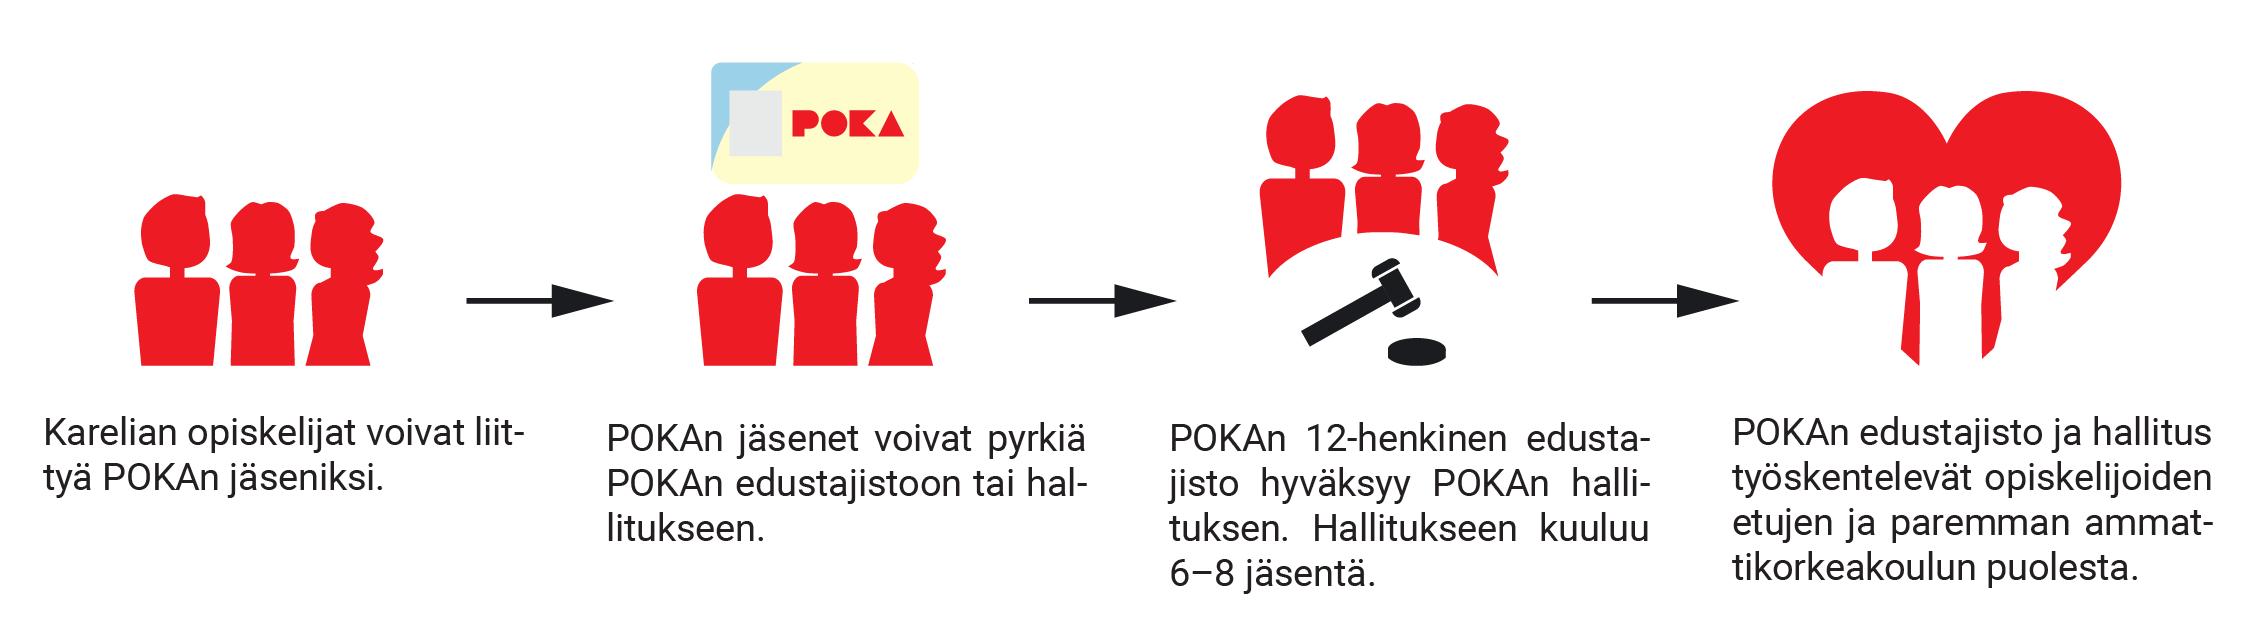 Karelia-amk:n opiskelijat voivat liittyä POKAn jäseneksi ja POKAn jäsenet voivat hakea POKAn hallitukseen tai edustajistoon, infograafi.